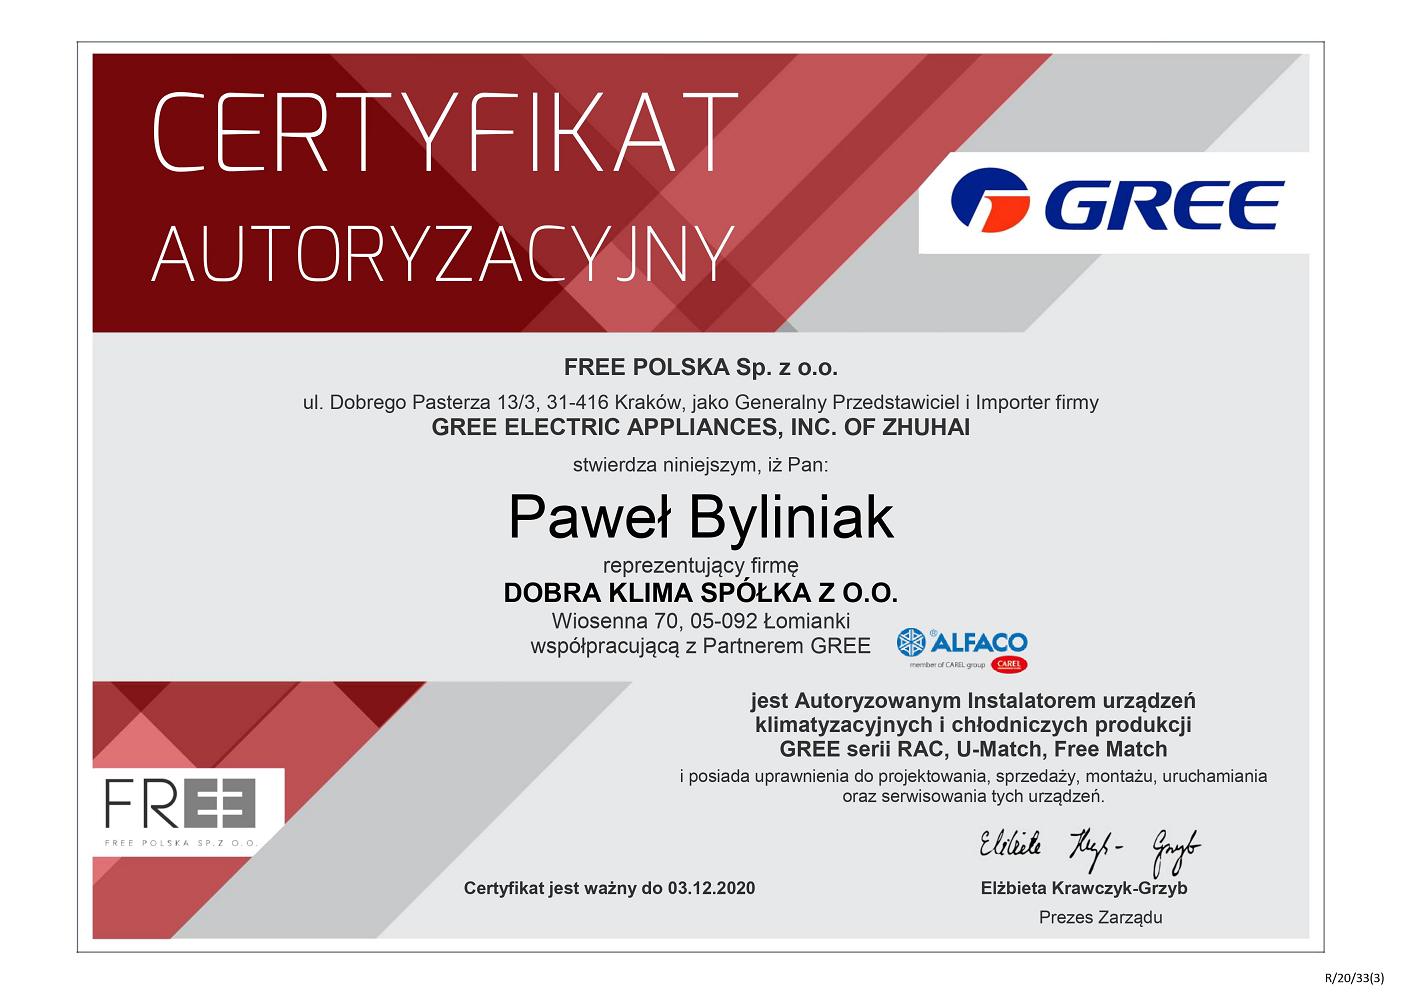 2020-certyfikat-gree-pawel-byliniak